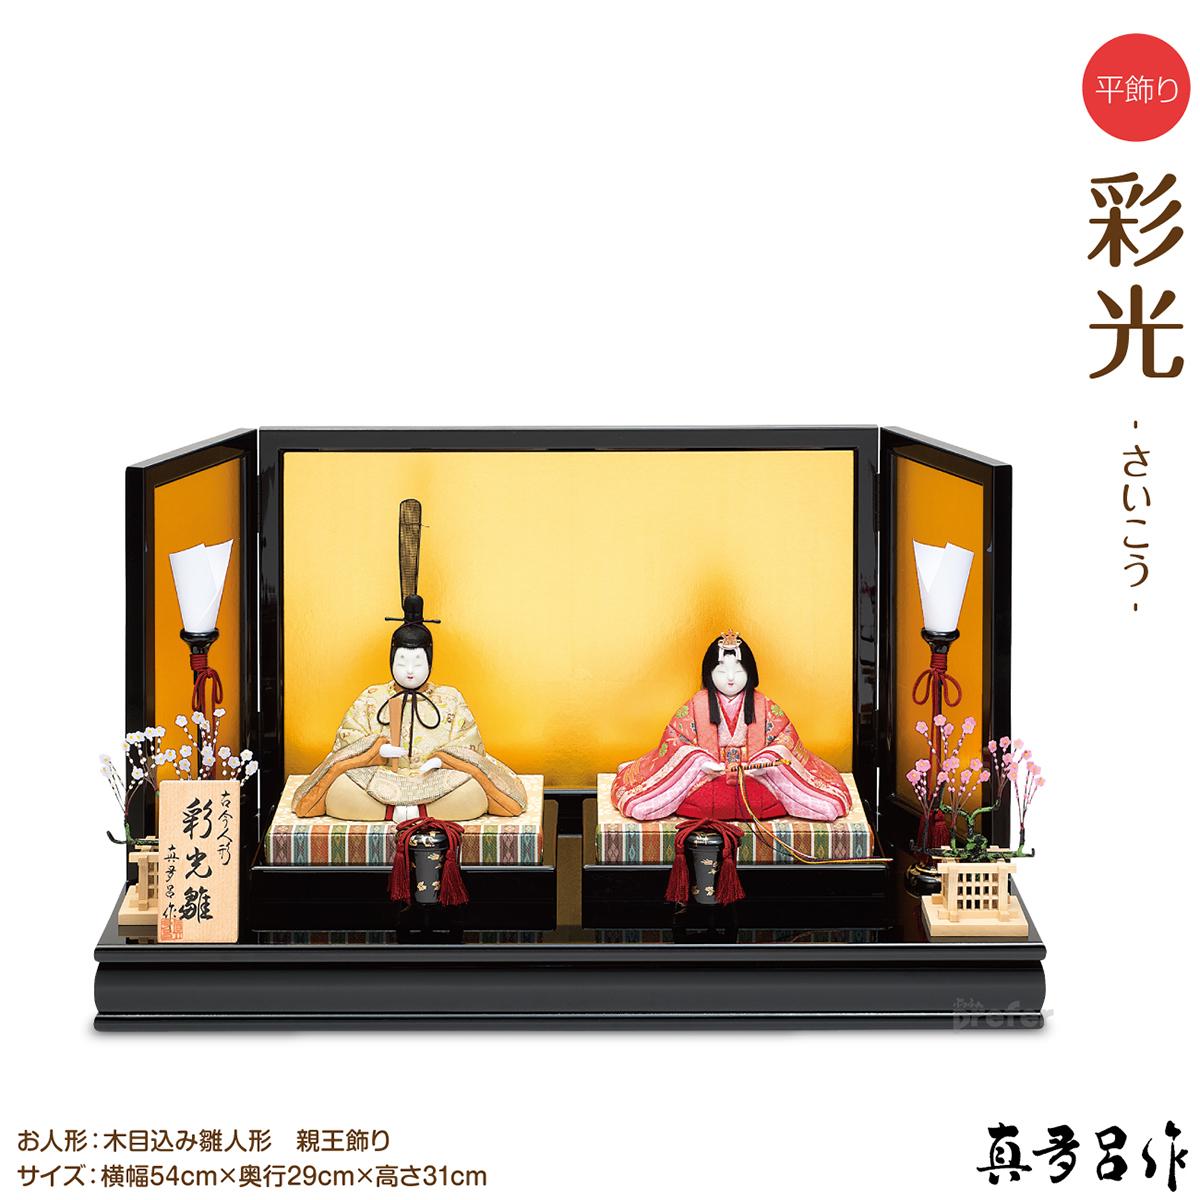 ひな人形 真多呂人形 木目込み雛人形 彩光(さいこう) 平飾り おひな様 ひな祭り